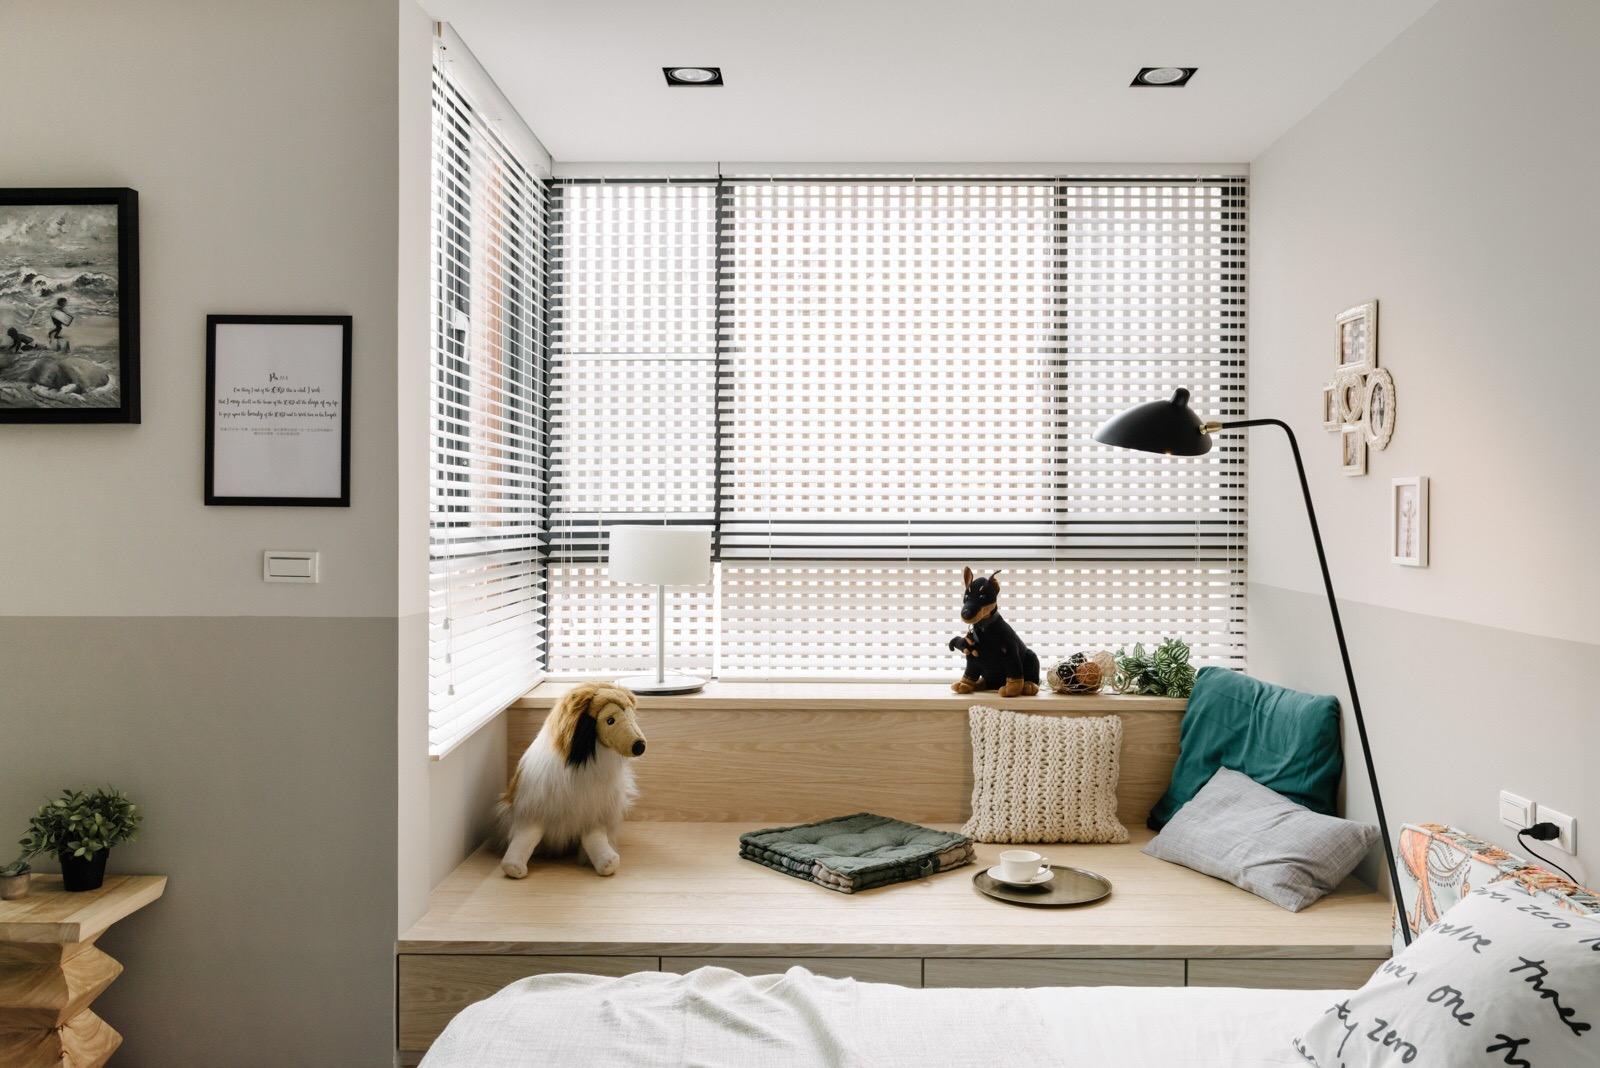 設計款窗簾, 窗簾設計, 窗簾搭配, 窗簾, 提案, 免費窗簾